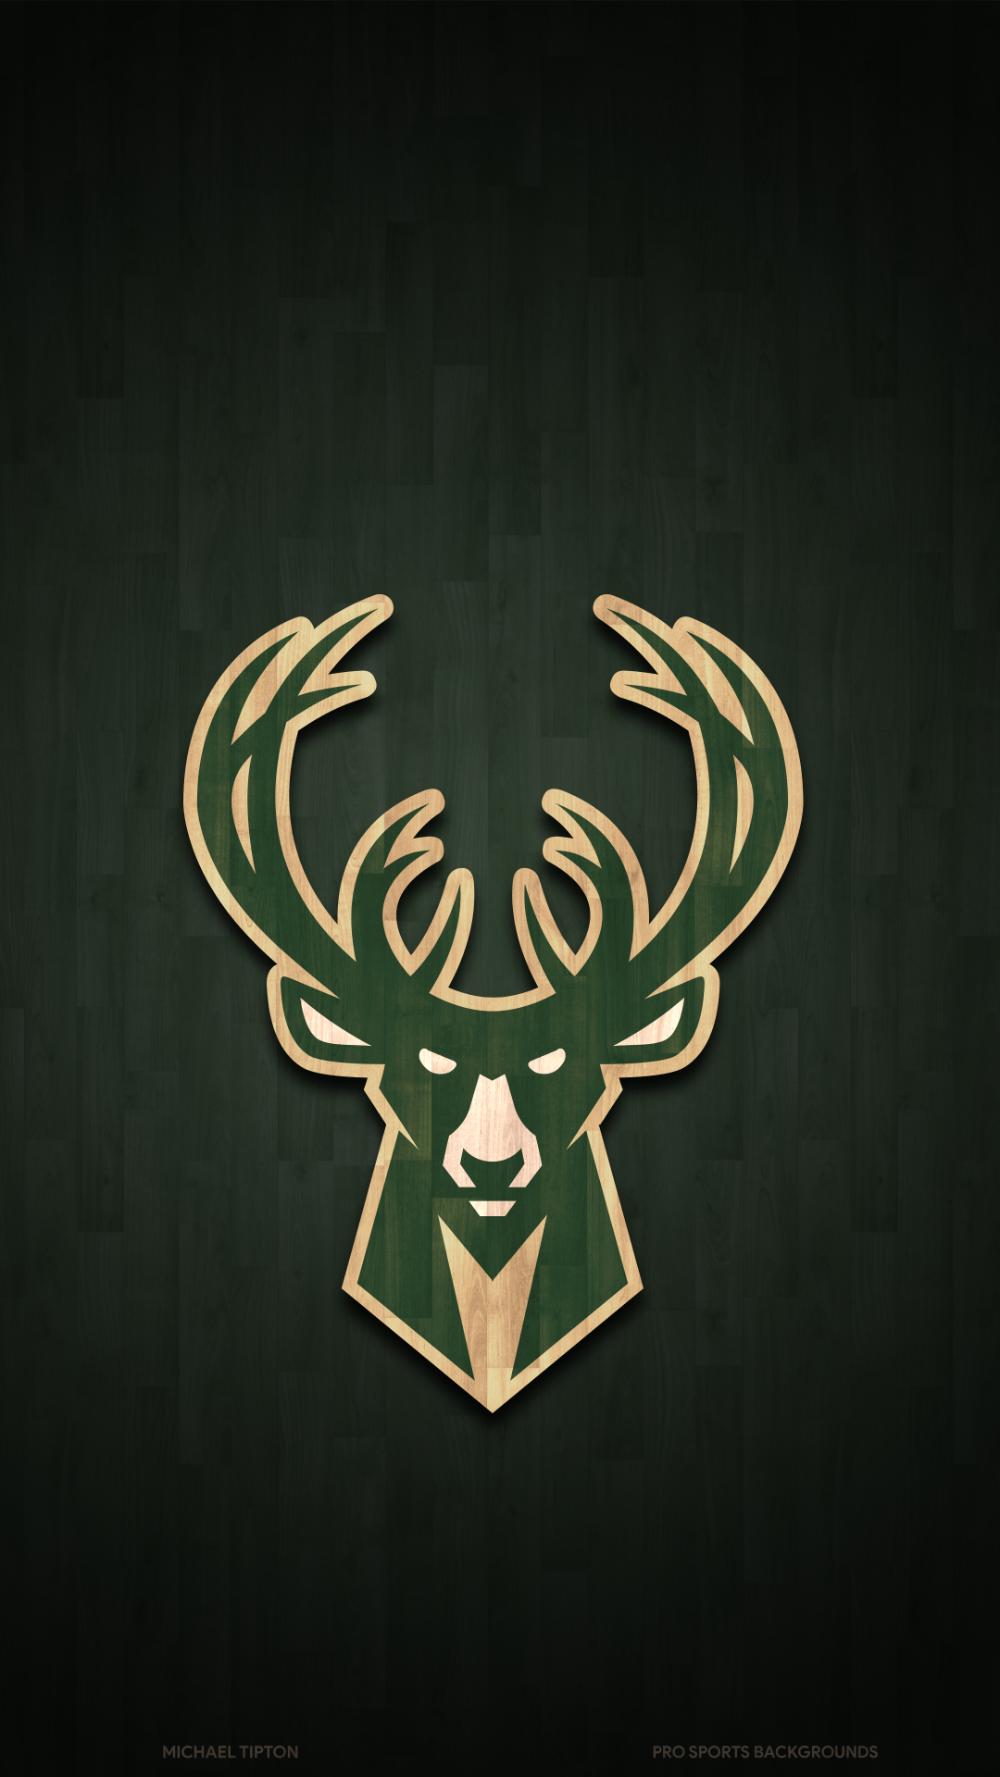 Milwaukee Bucks Wallpapers Pro Sports Backgrounds Milwaukee Bucks Nba Wallpapers Nba Artwork